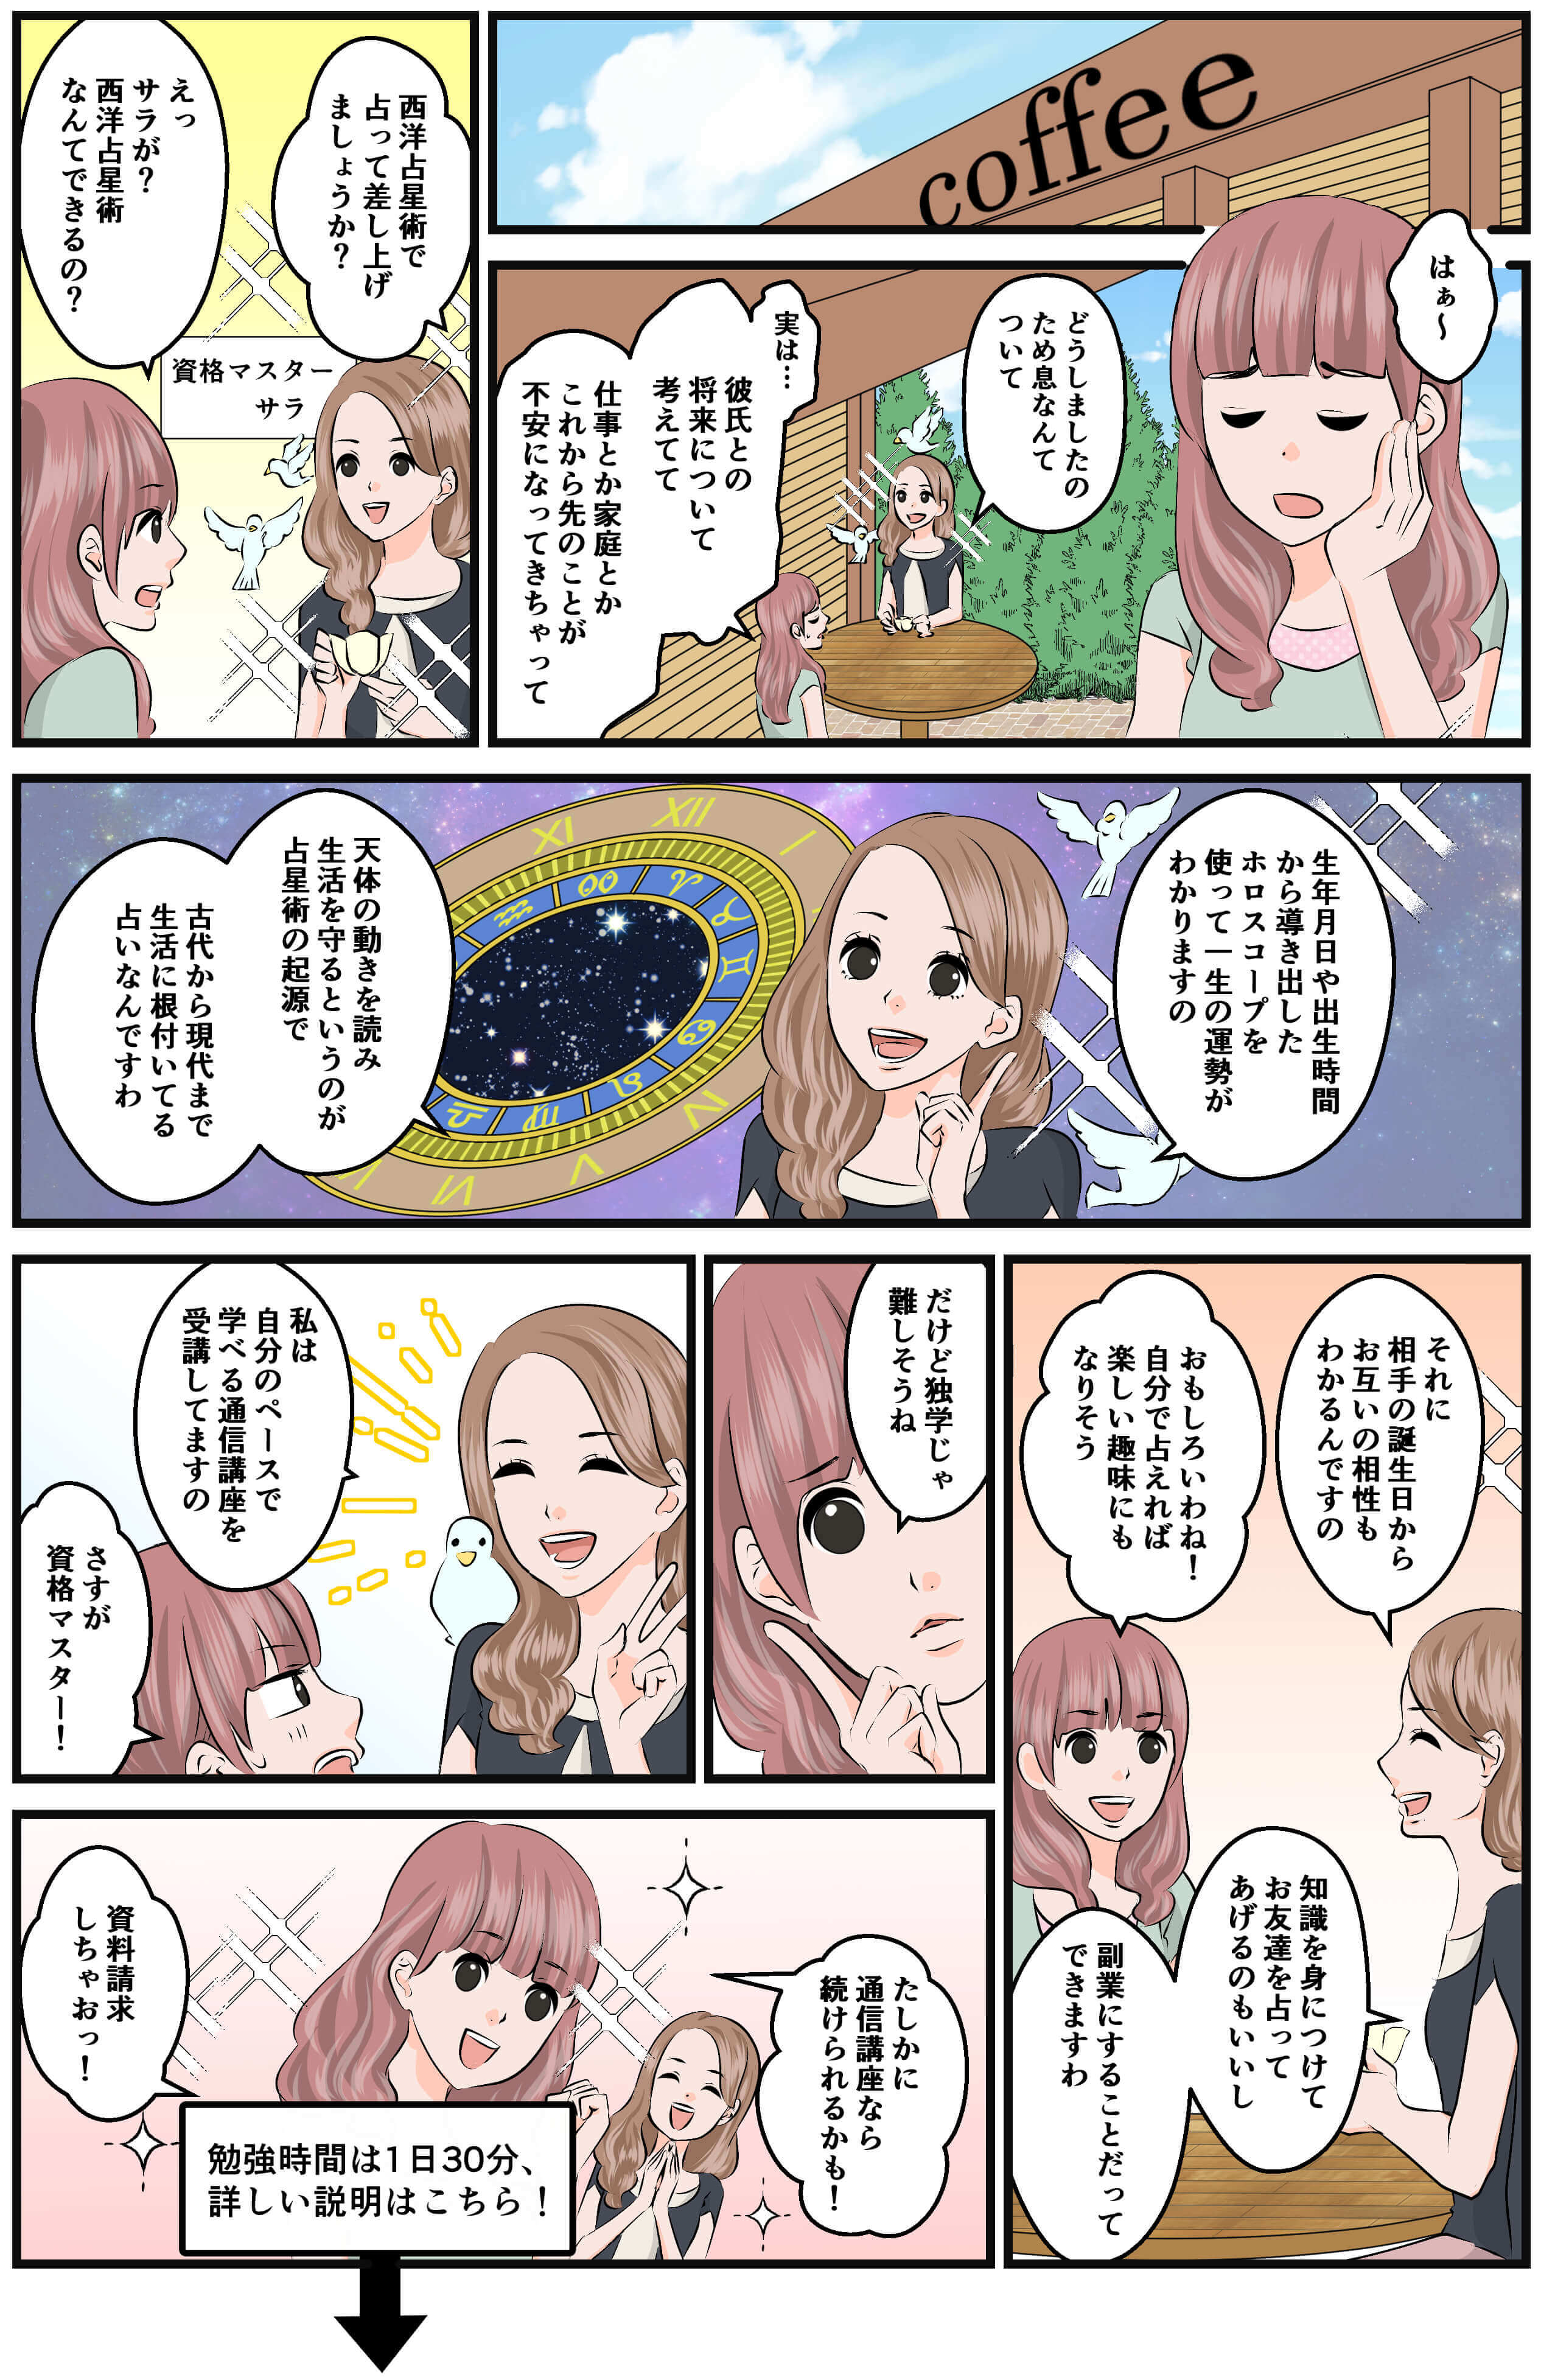 西洋占星術の漫画